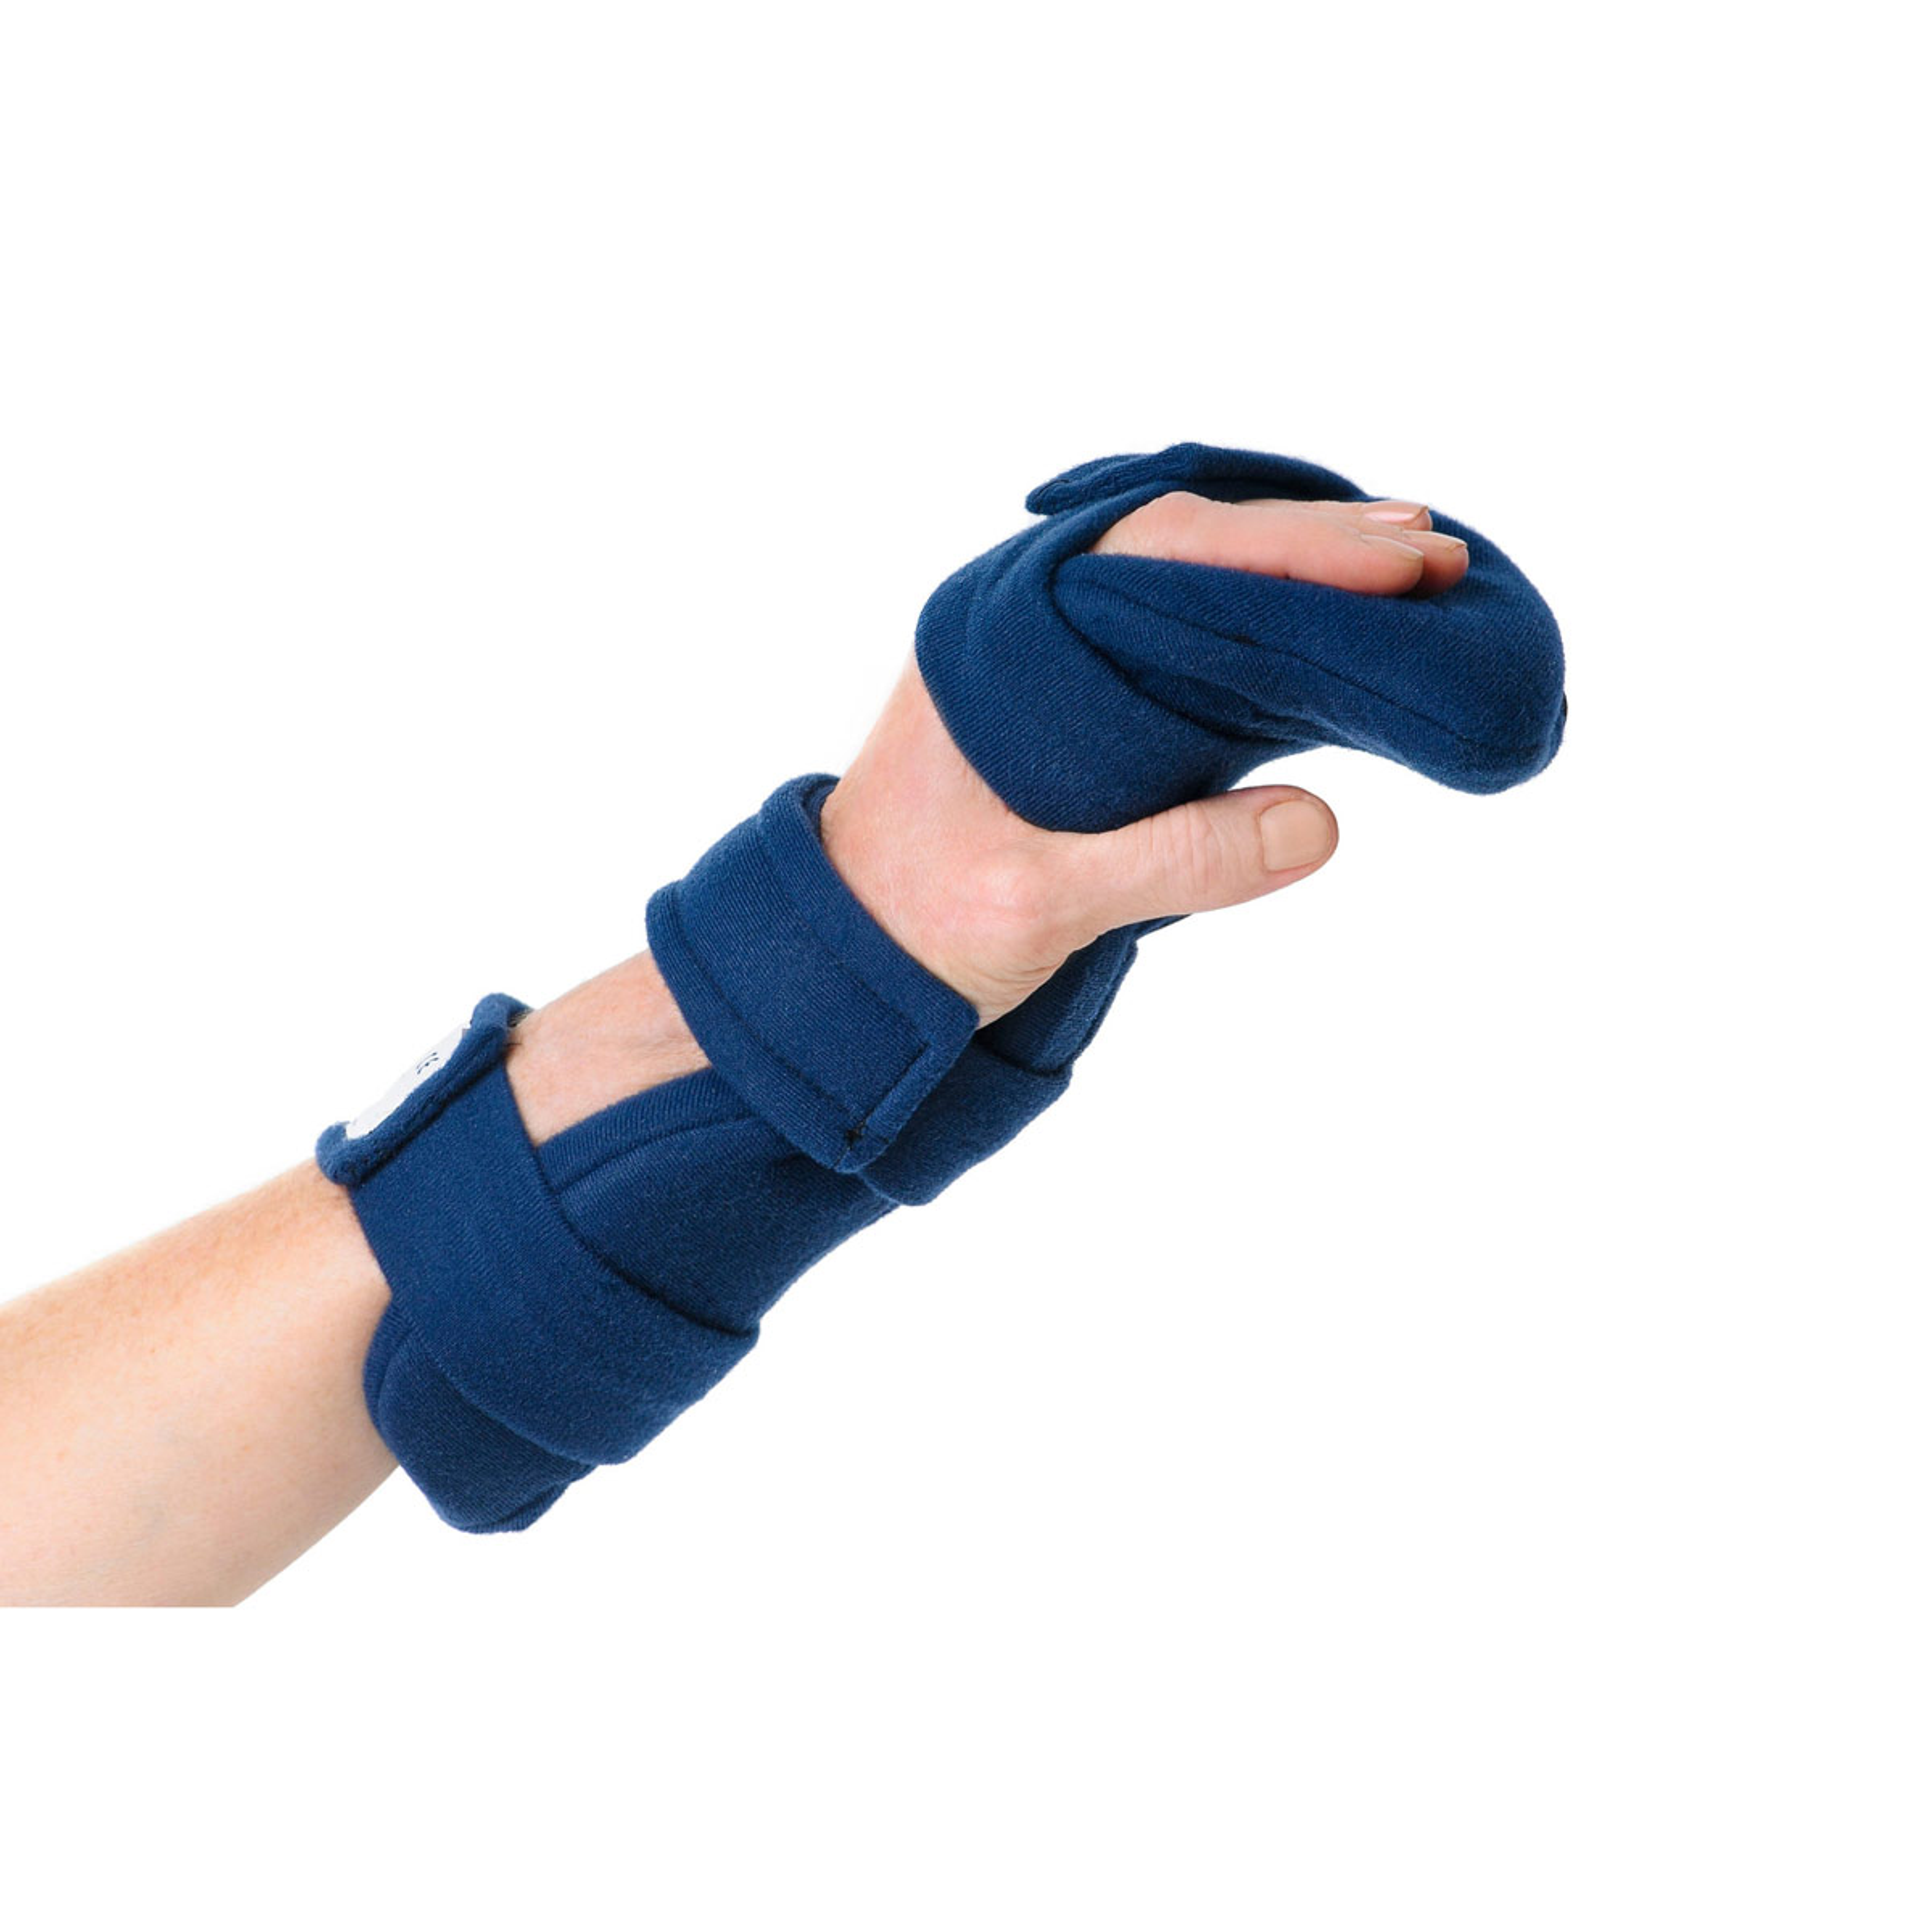 Comfy Hand Wrist Orthosis